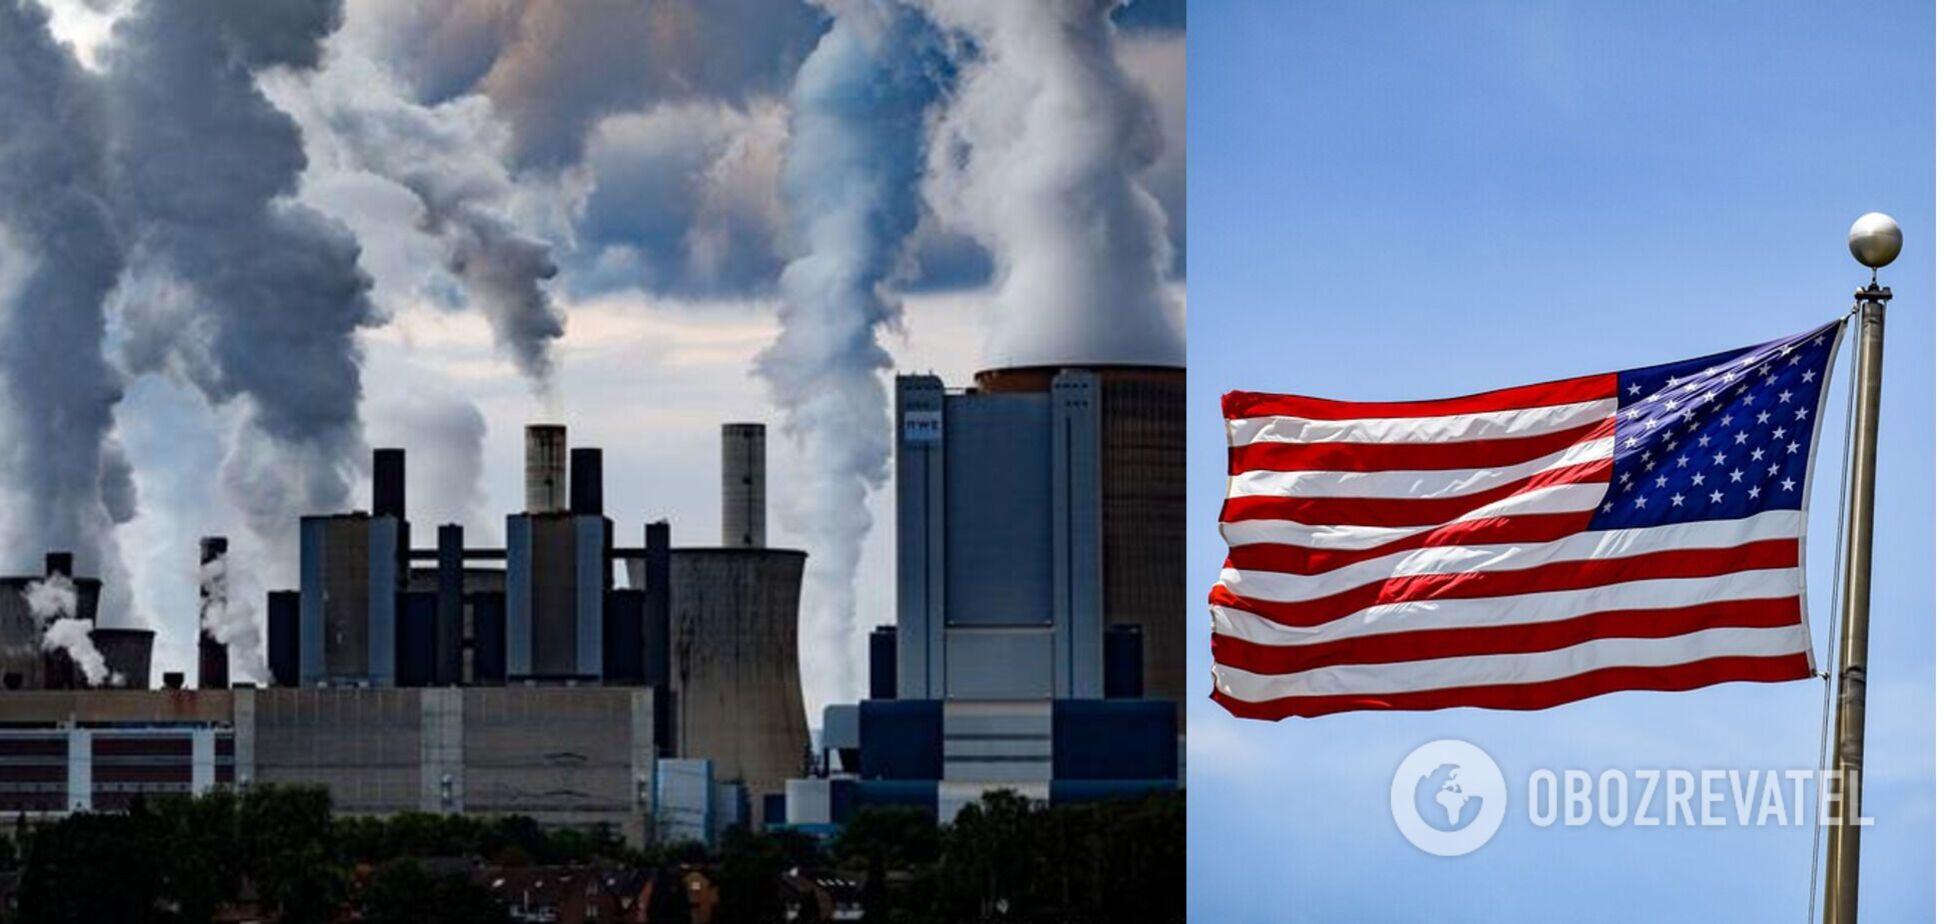 Байден обещал сделать США одной из ведущих стран в борьбе с глобальным потеплением